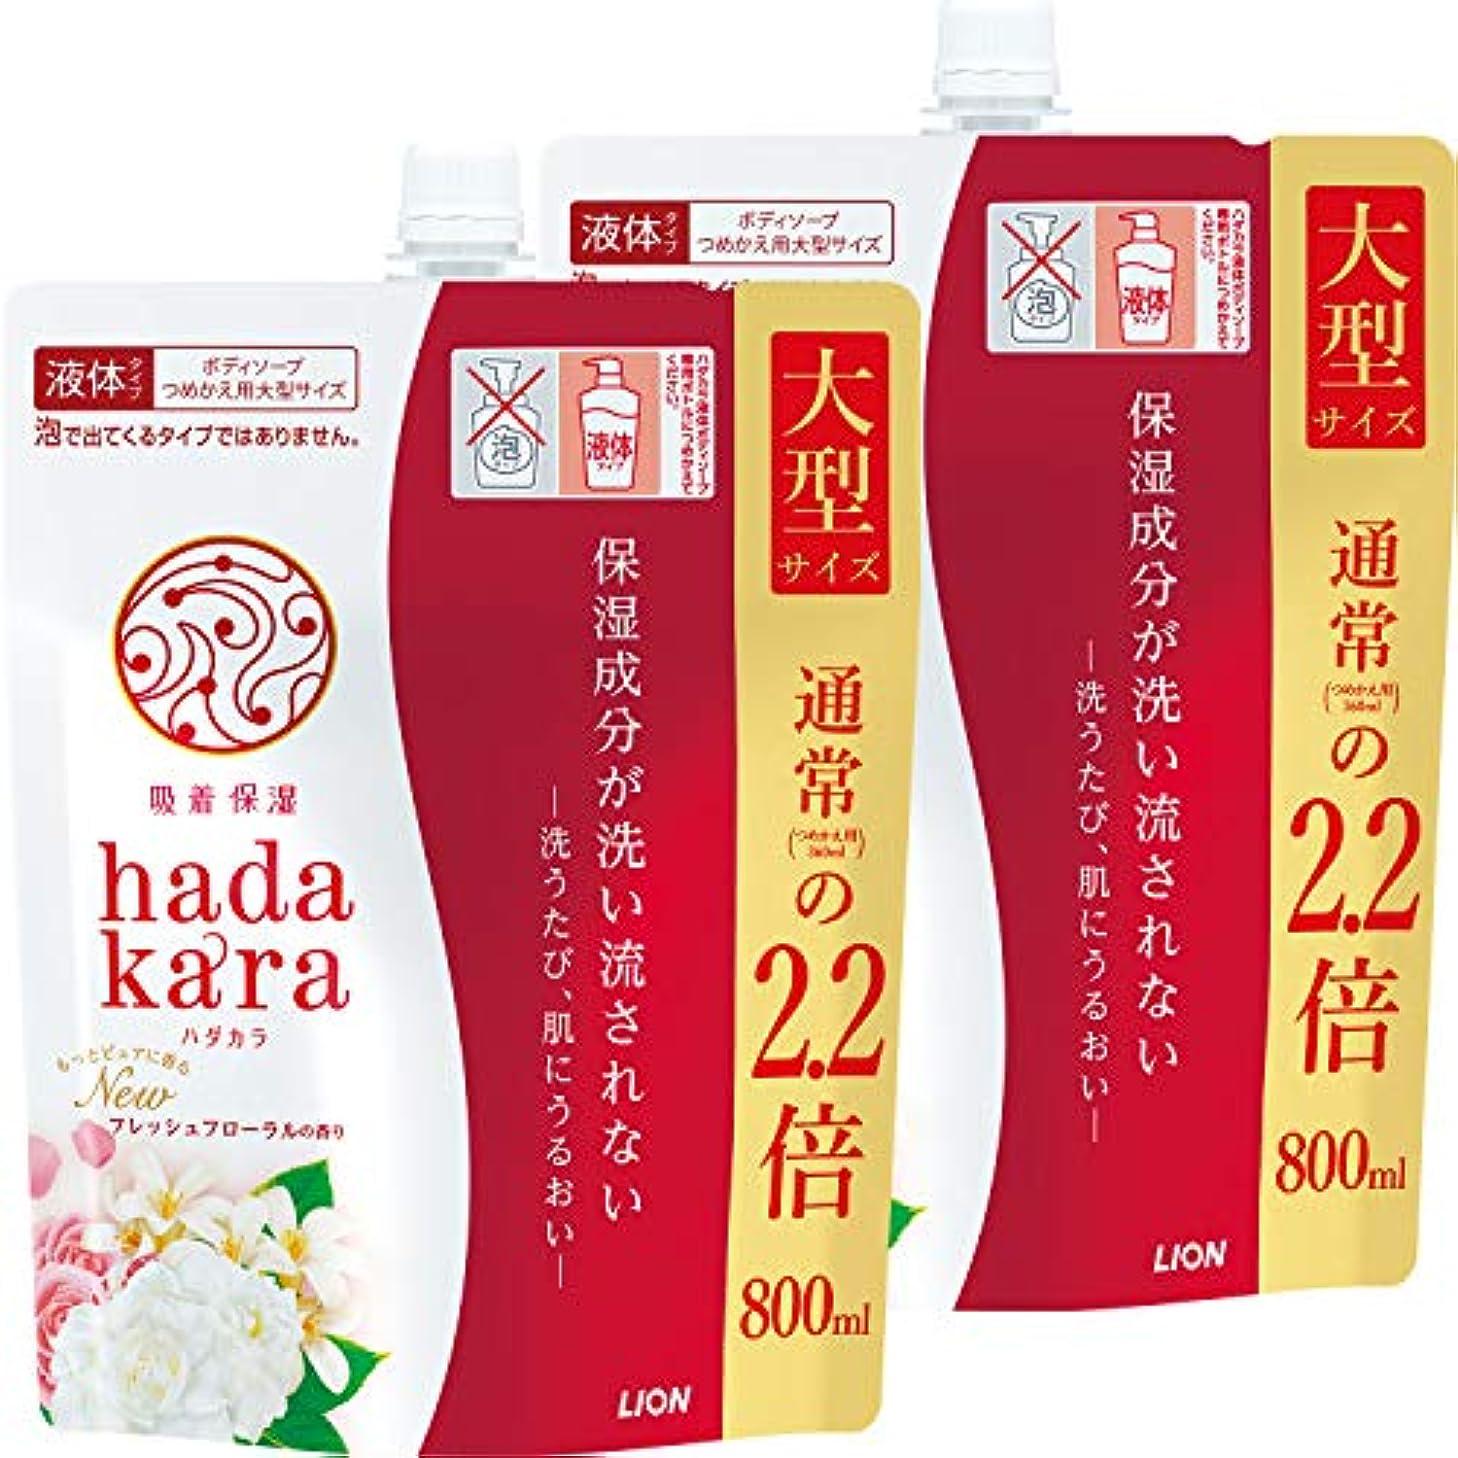 アクチュエータインタフェースびっくりhadakara(ハダカラ) ボディソープ フレッシュフローラルの香り つめかえ用大型サイズ 800ml×2個